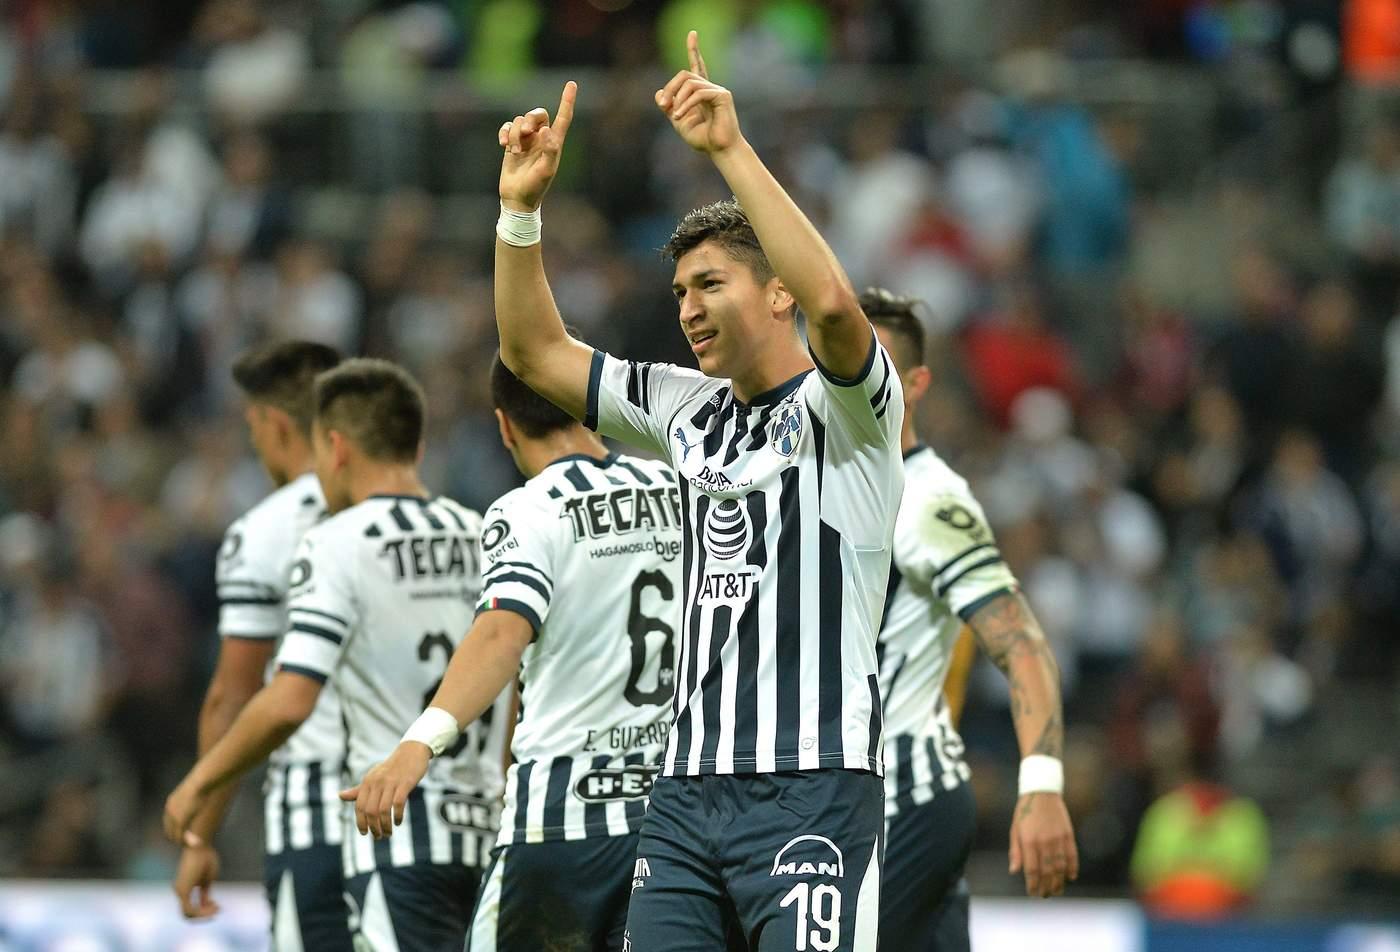 116d3c366201a Los goles del encuentro fueron conseguidos por el colombiano Avilés Hurtado  a los 11 minutos